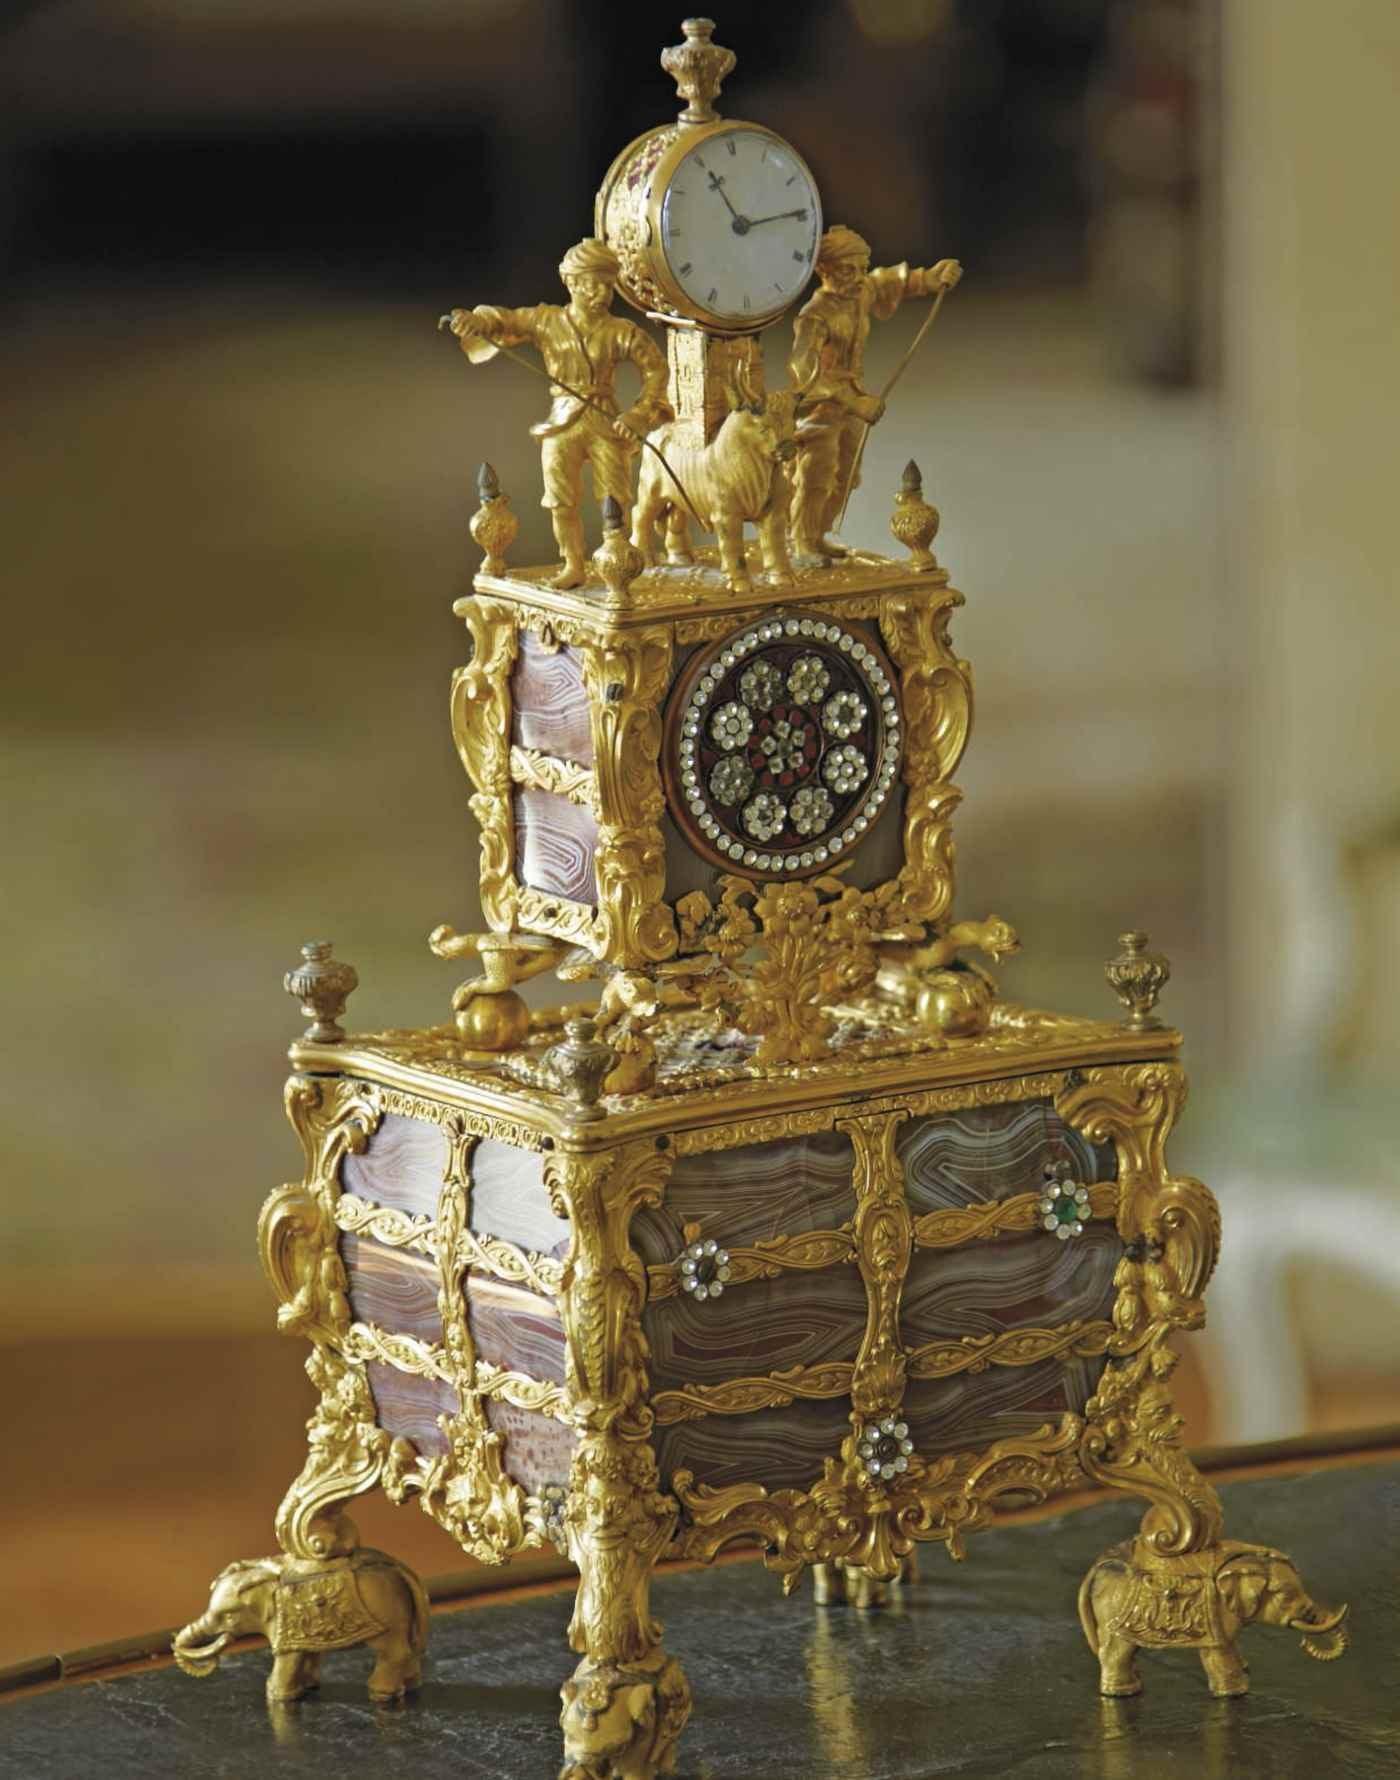 Boniface de Castellane & Anna  auction at Christies